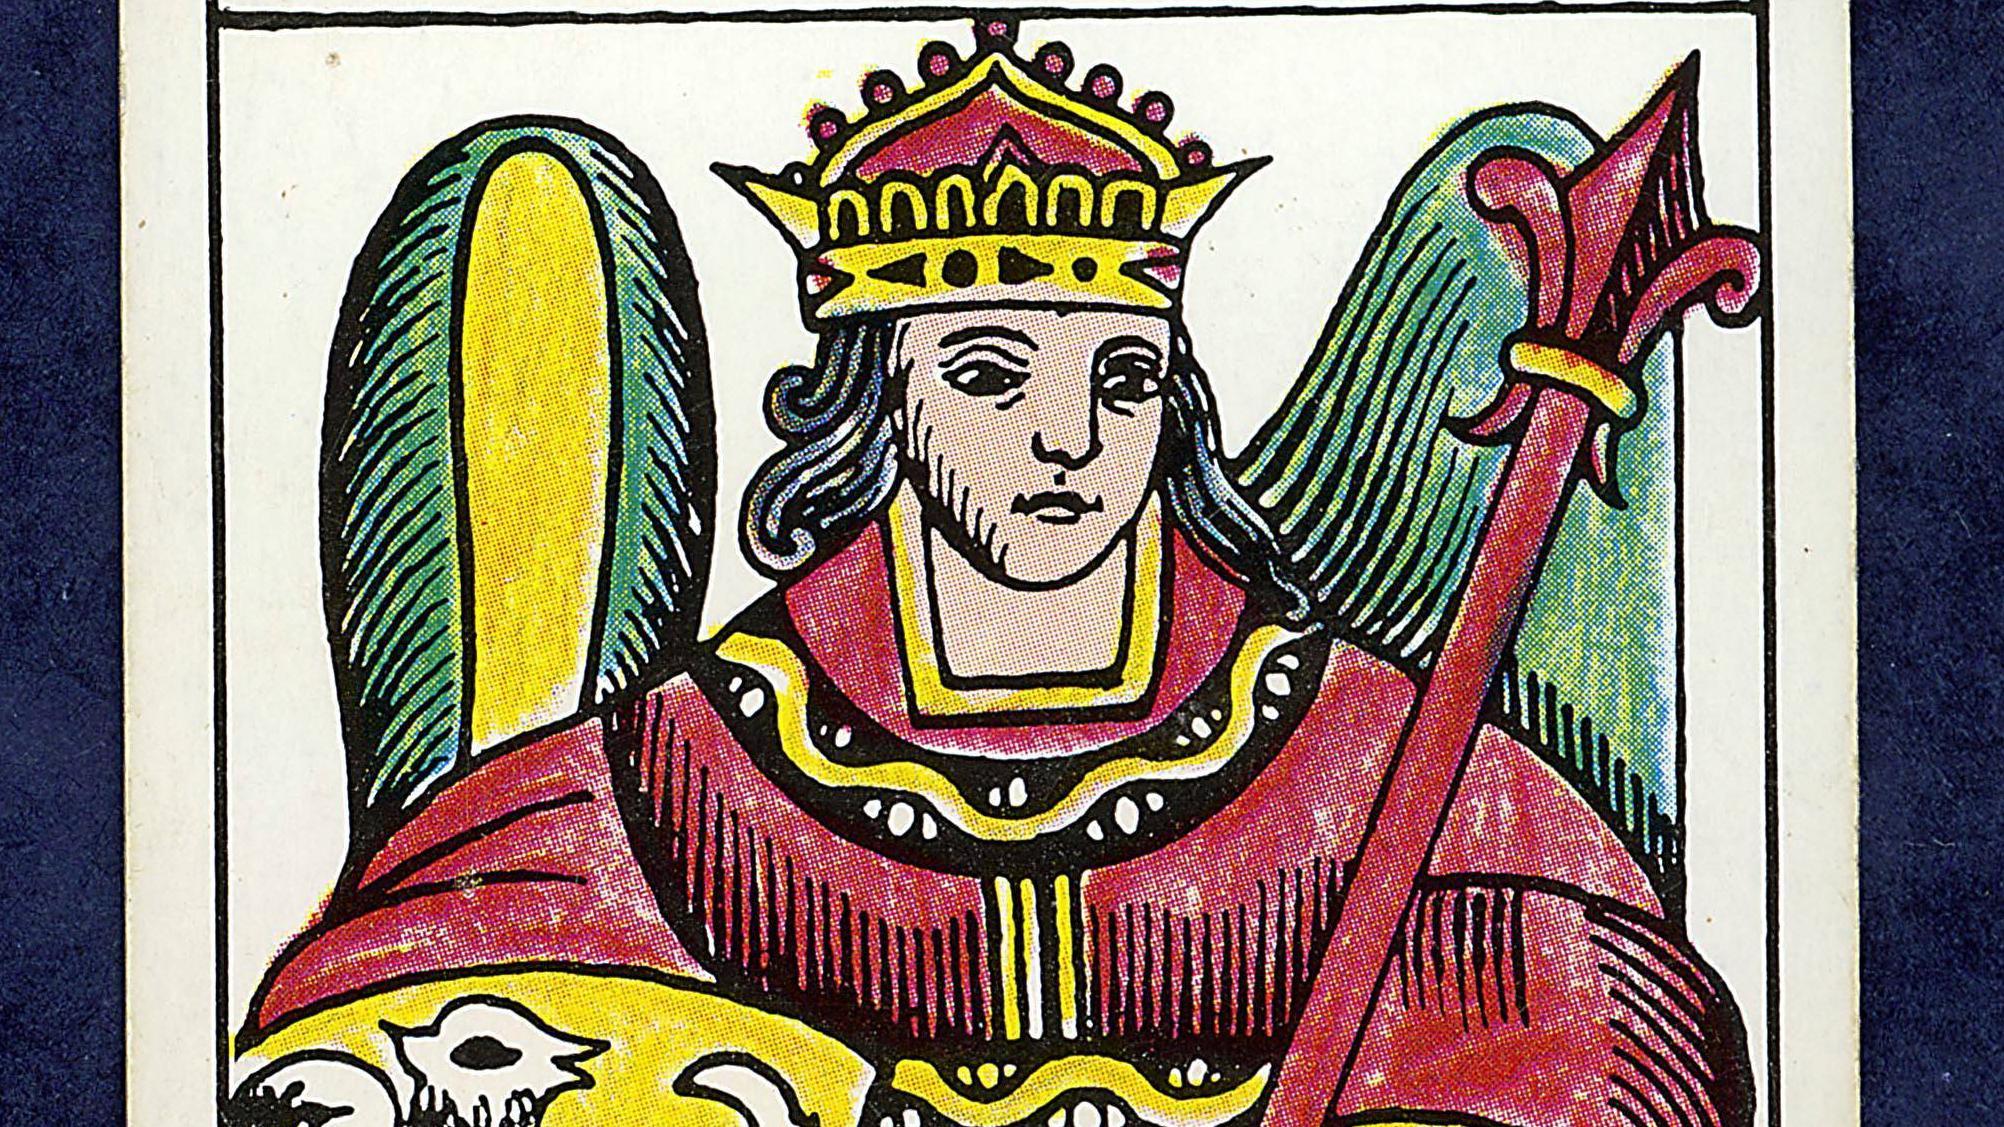 Die Herrscherin steht beim Tarot für Sinnlichkeit und Fruchtbarkeit.